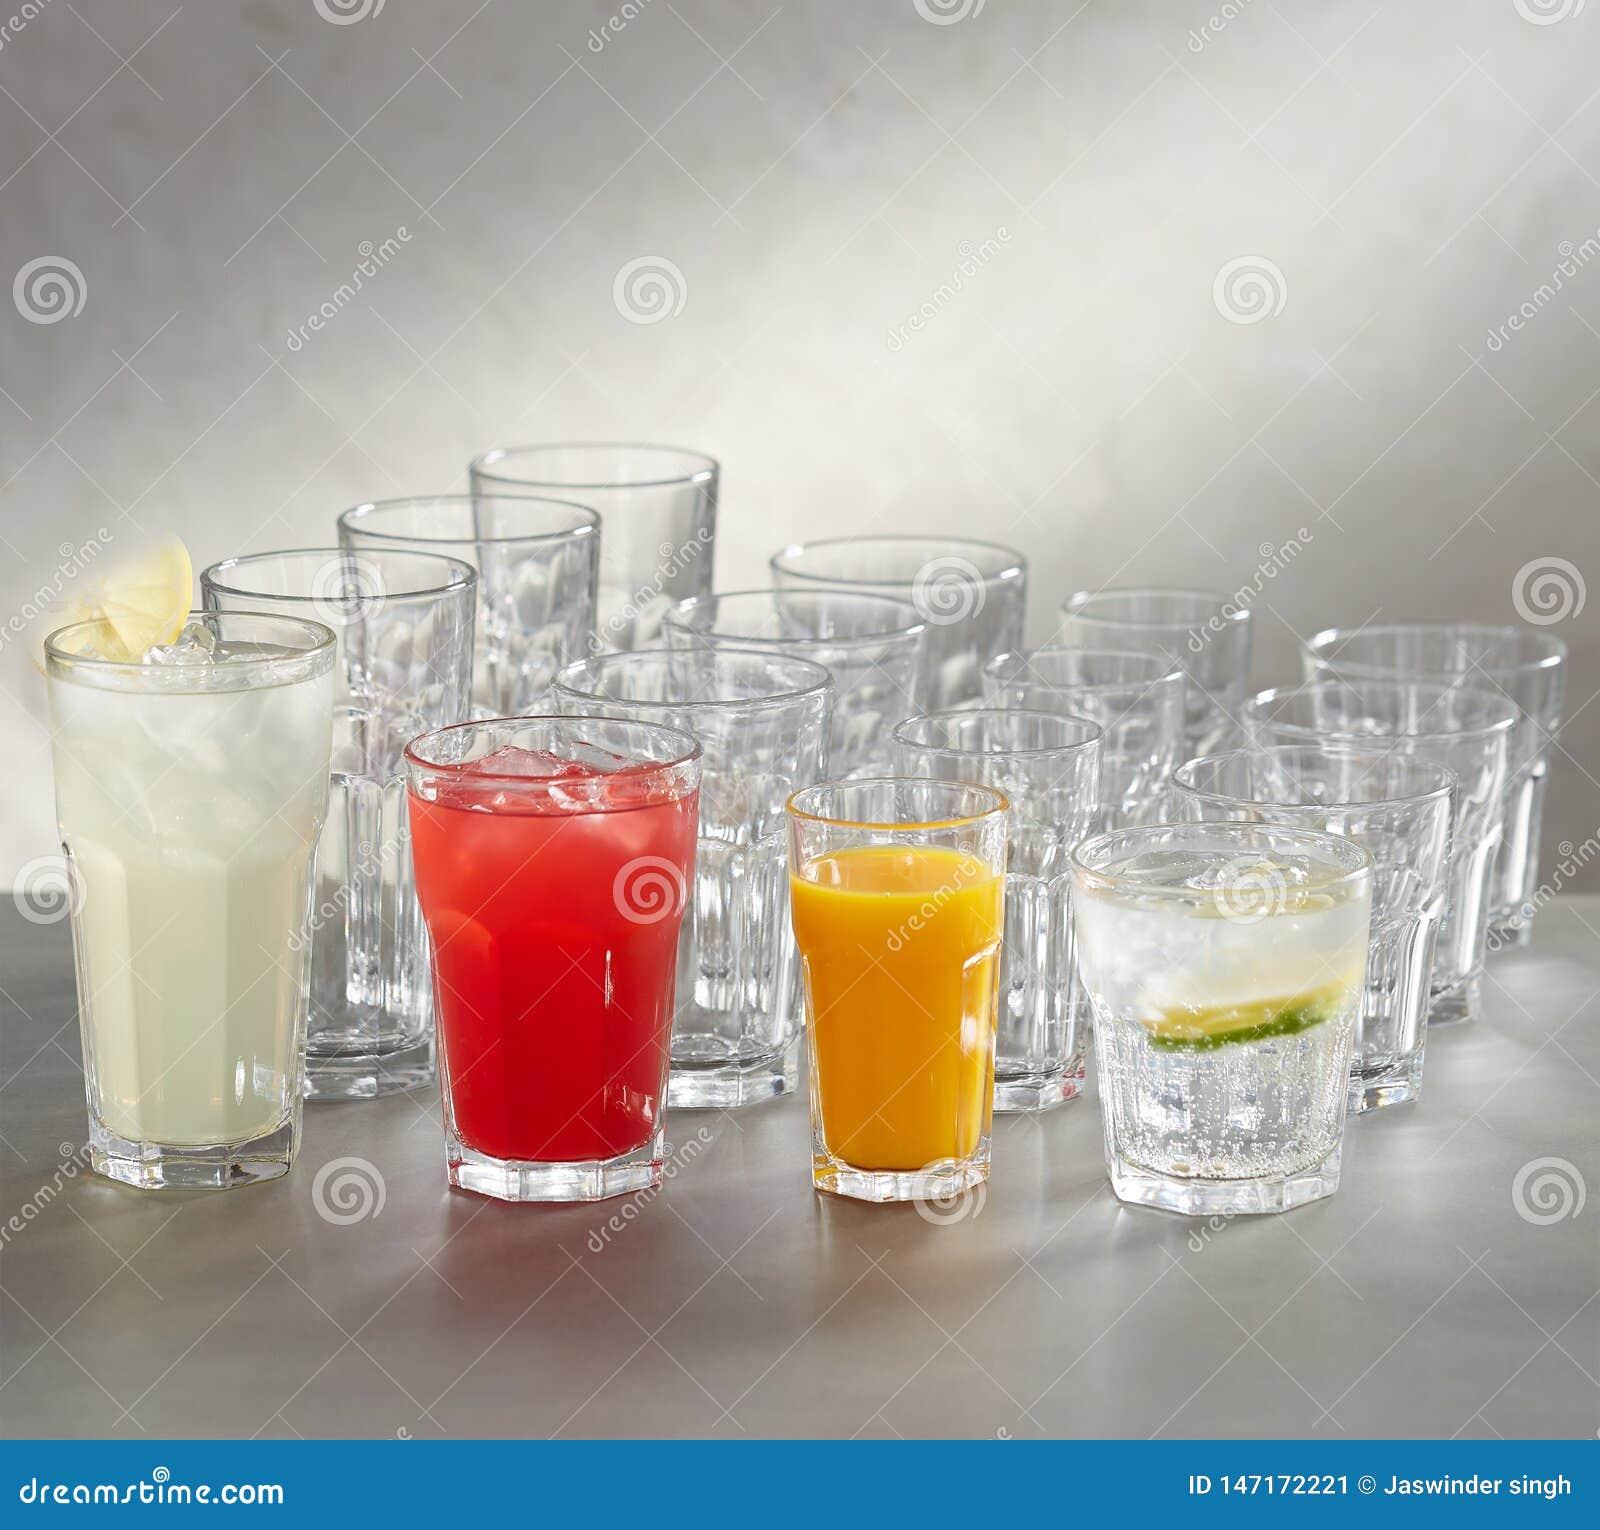 Tomma fruktsaftexponeringsglas -, röd fruktsaft, vit fruktsaft och rosa fruktsaft